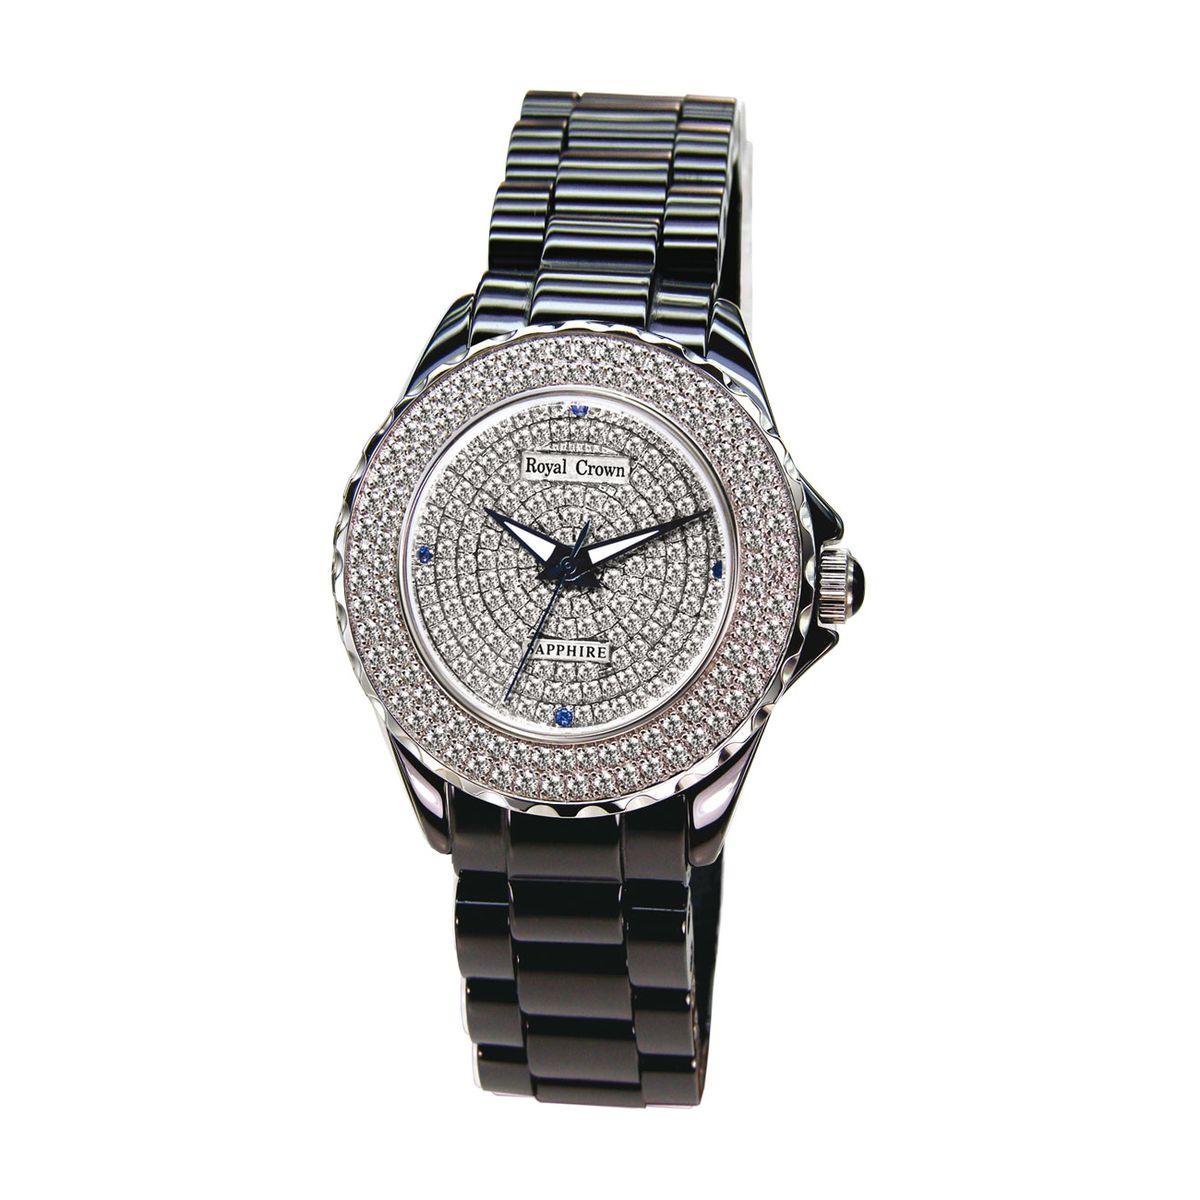 Часы наручные женские Royal Crown, цвет: черный. 3821L-1-RDM-83821L-1-RDM-8Royal Crown- воплощение безукоризненного стиля и надежности.Это изысканный итальянский дизайн,высококачественные механизмы.